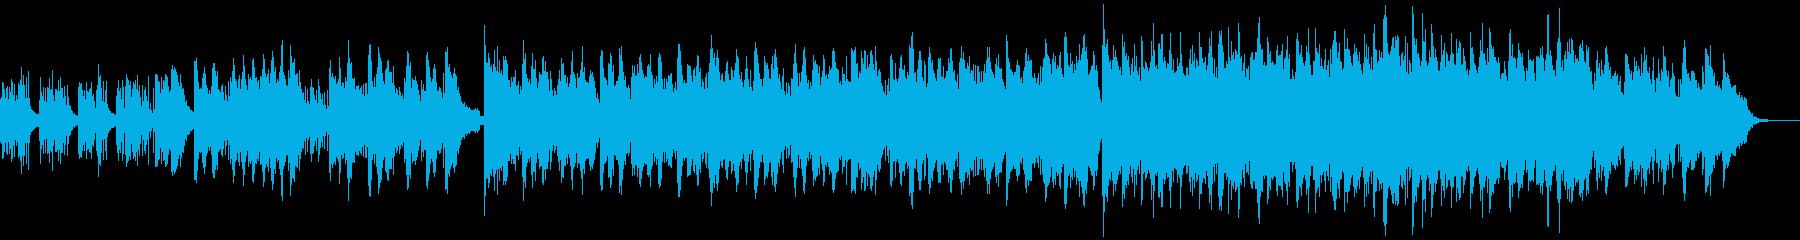 KANT切ない系VD用音楽の再生済みの波形